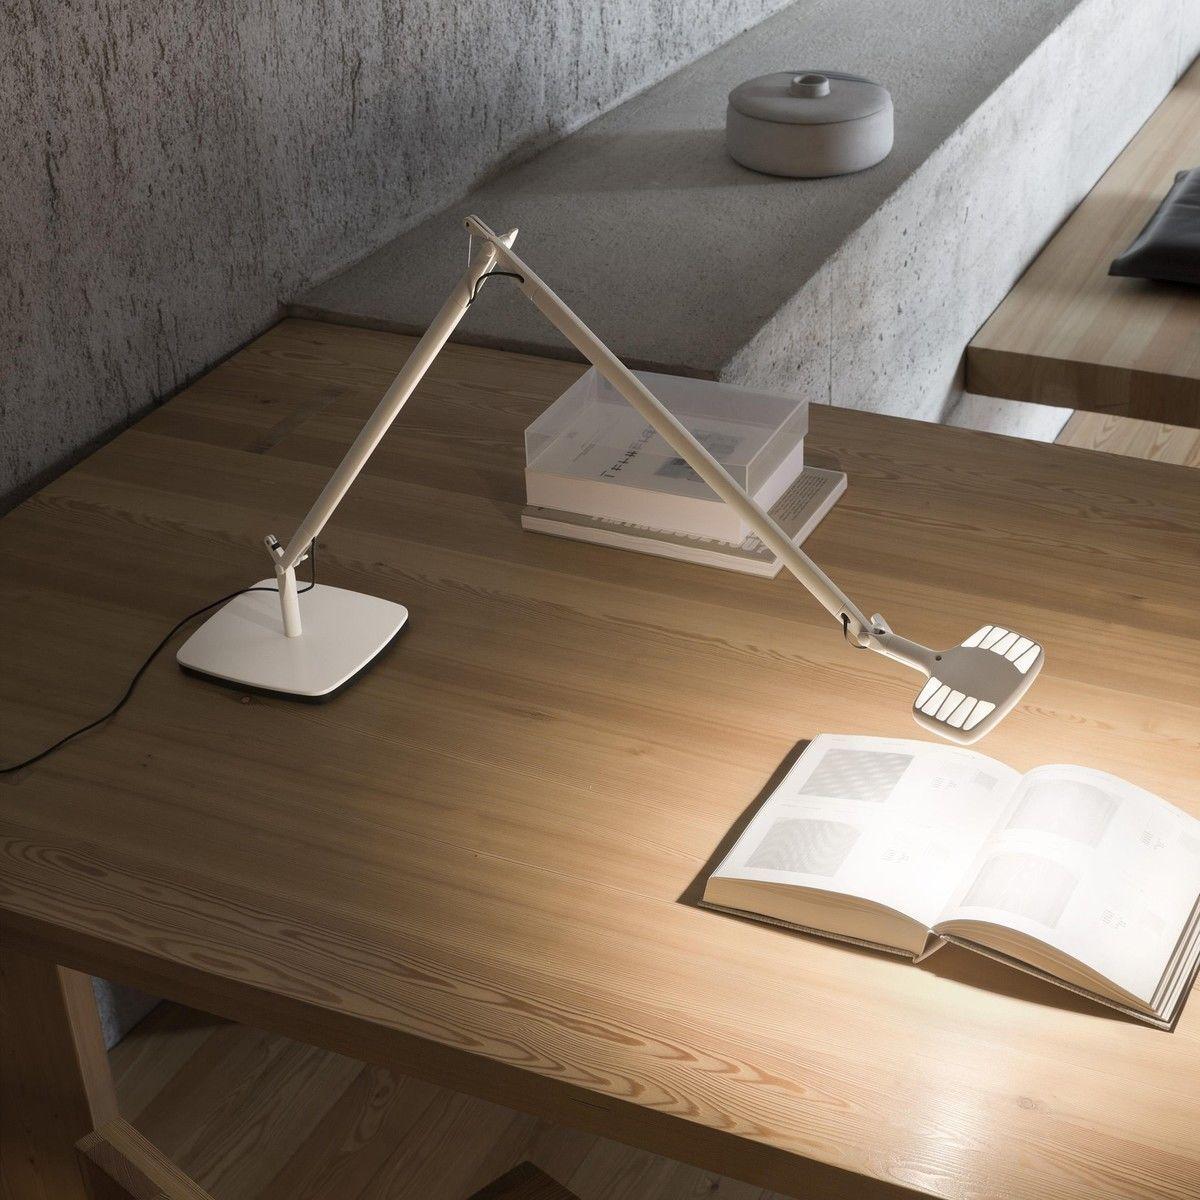 Otto watt led lampe de bureau dimmable luceplan - Lampe de bureau style anglais ...